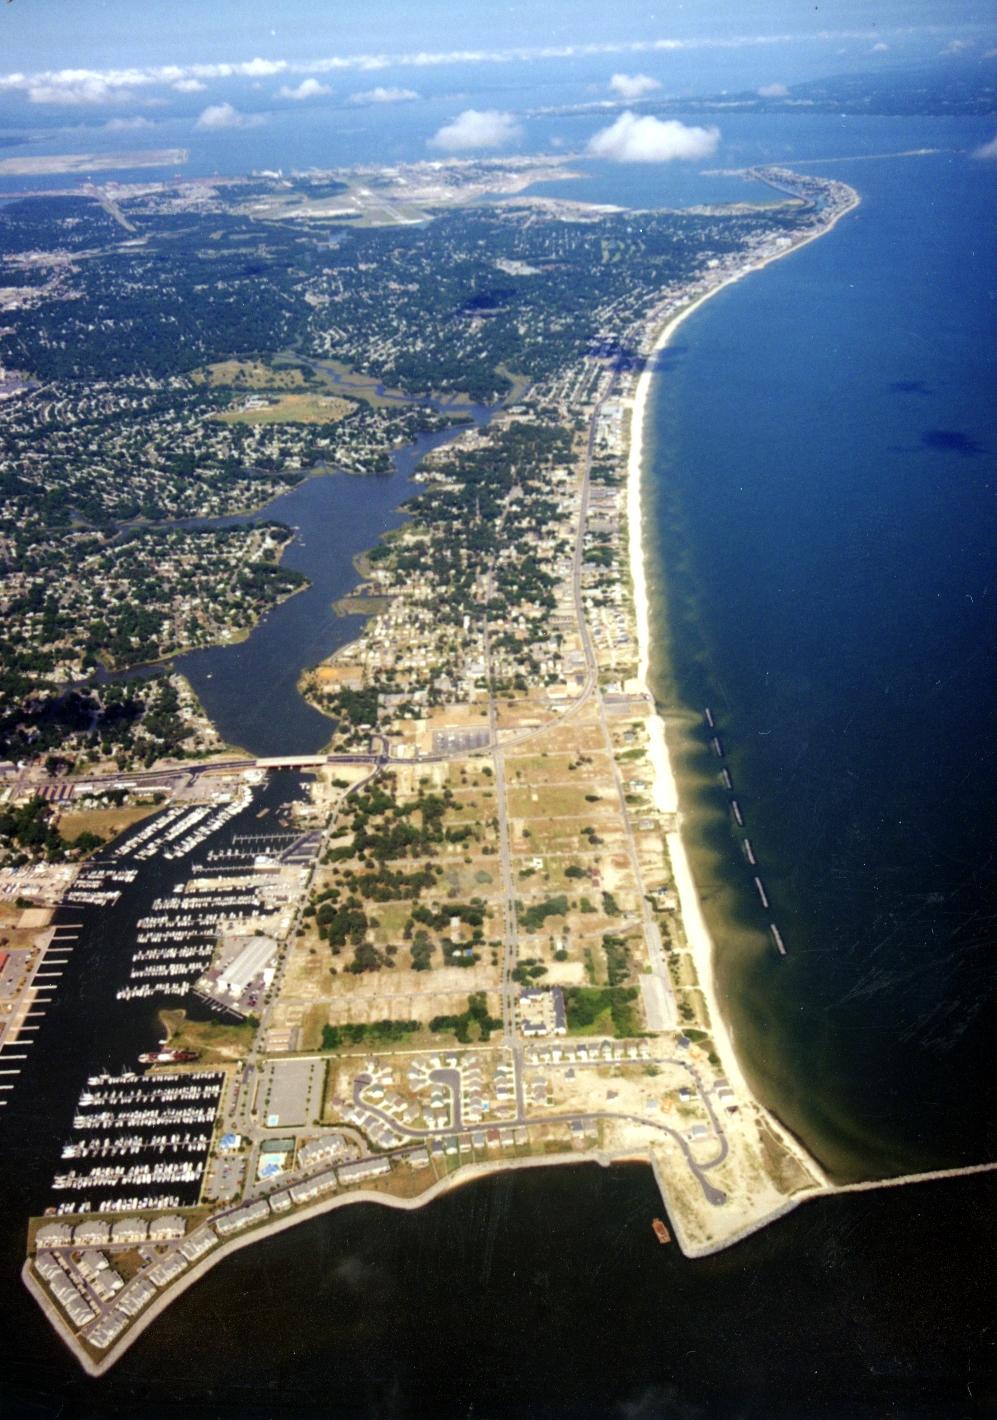 East Beach Site Aerial looking West copy.JPG